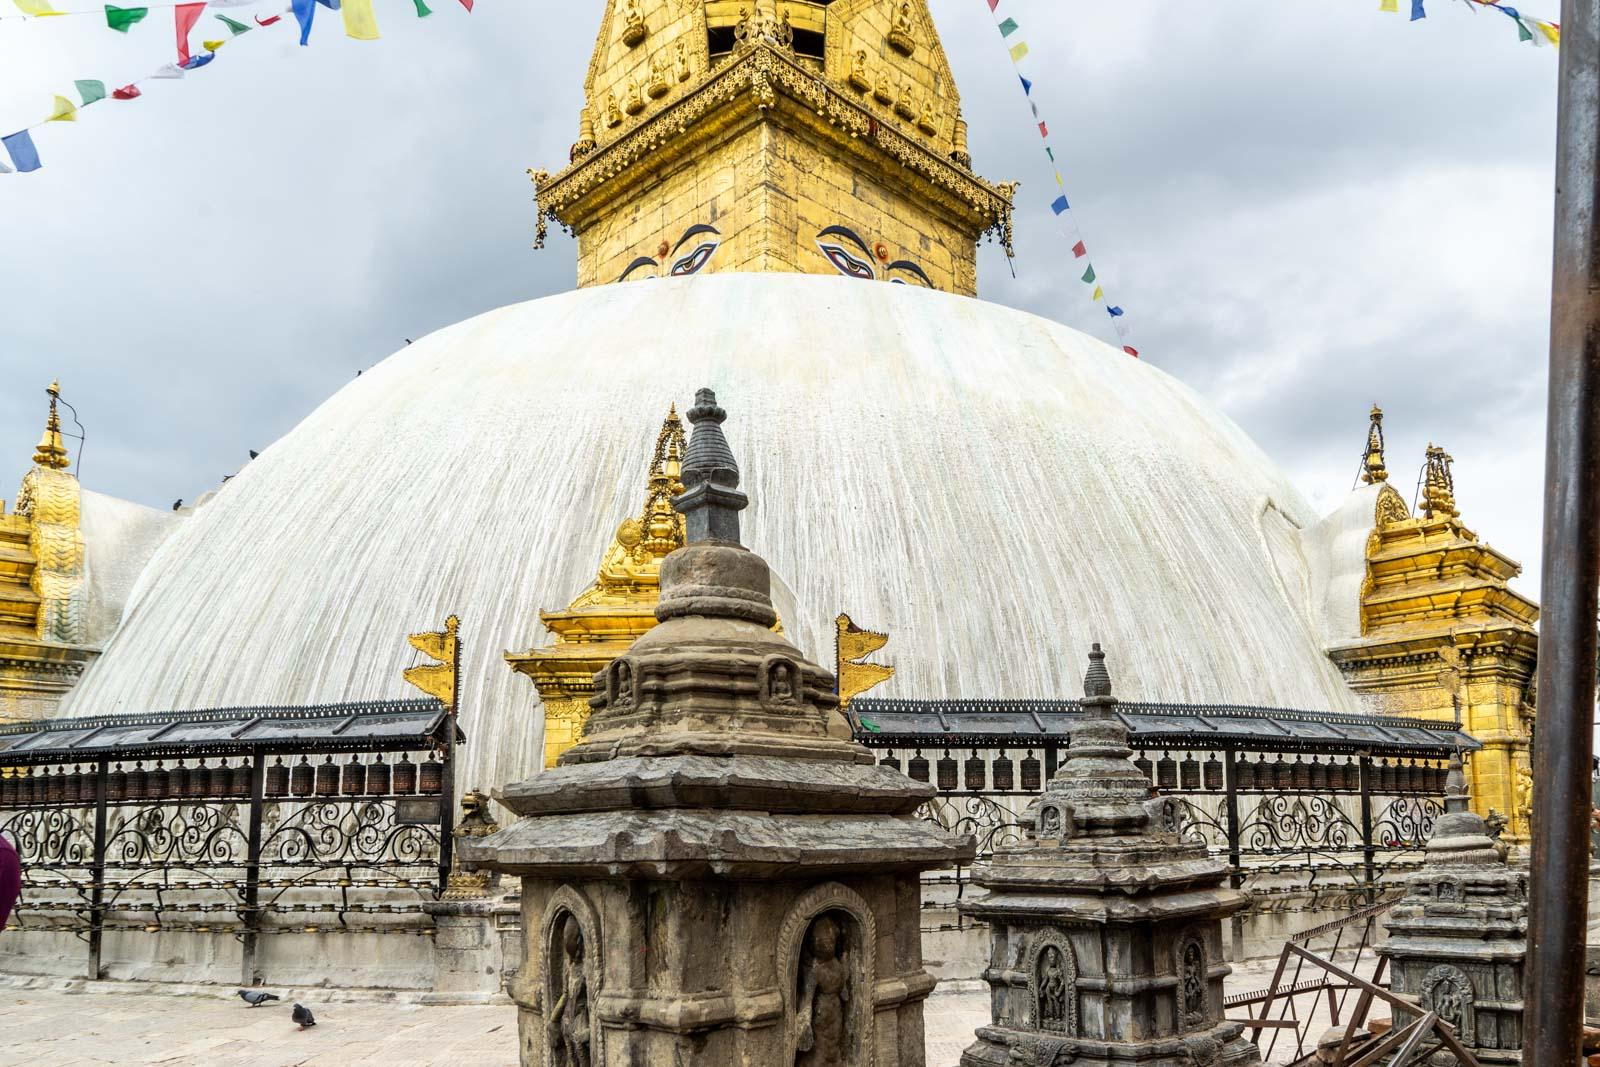 Swayambhunath monkey temple, Kathmandu, Nepal